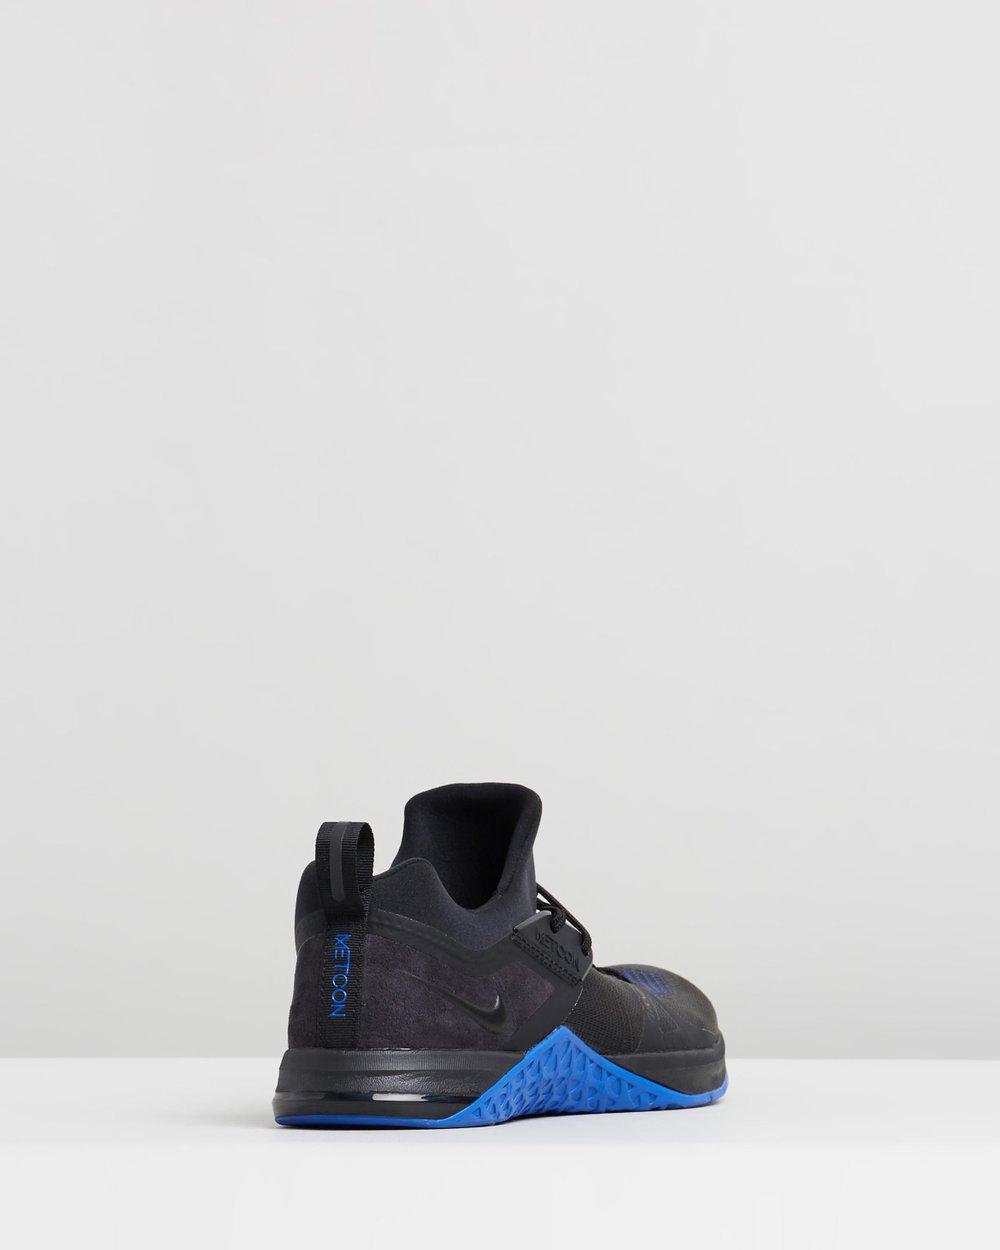 8b2fc65336bfc Metcon Flyknit 3 - Men s by Nike Online